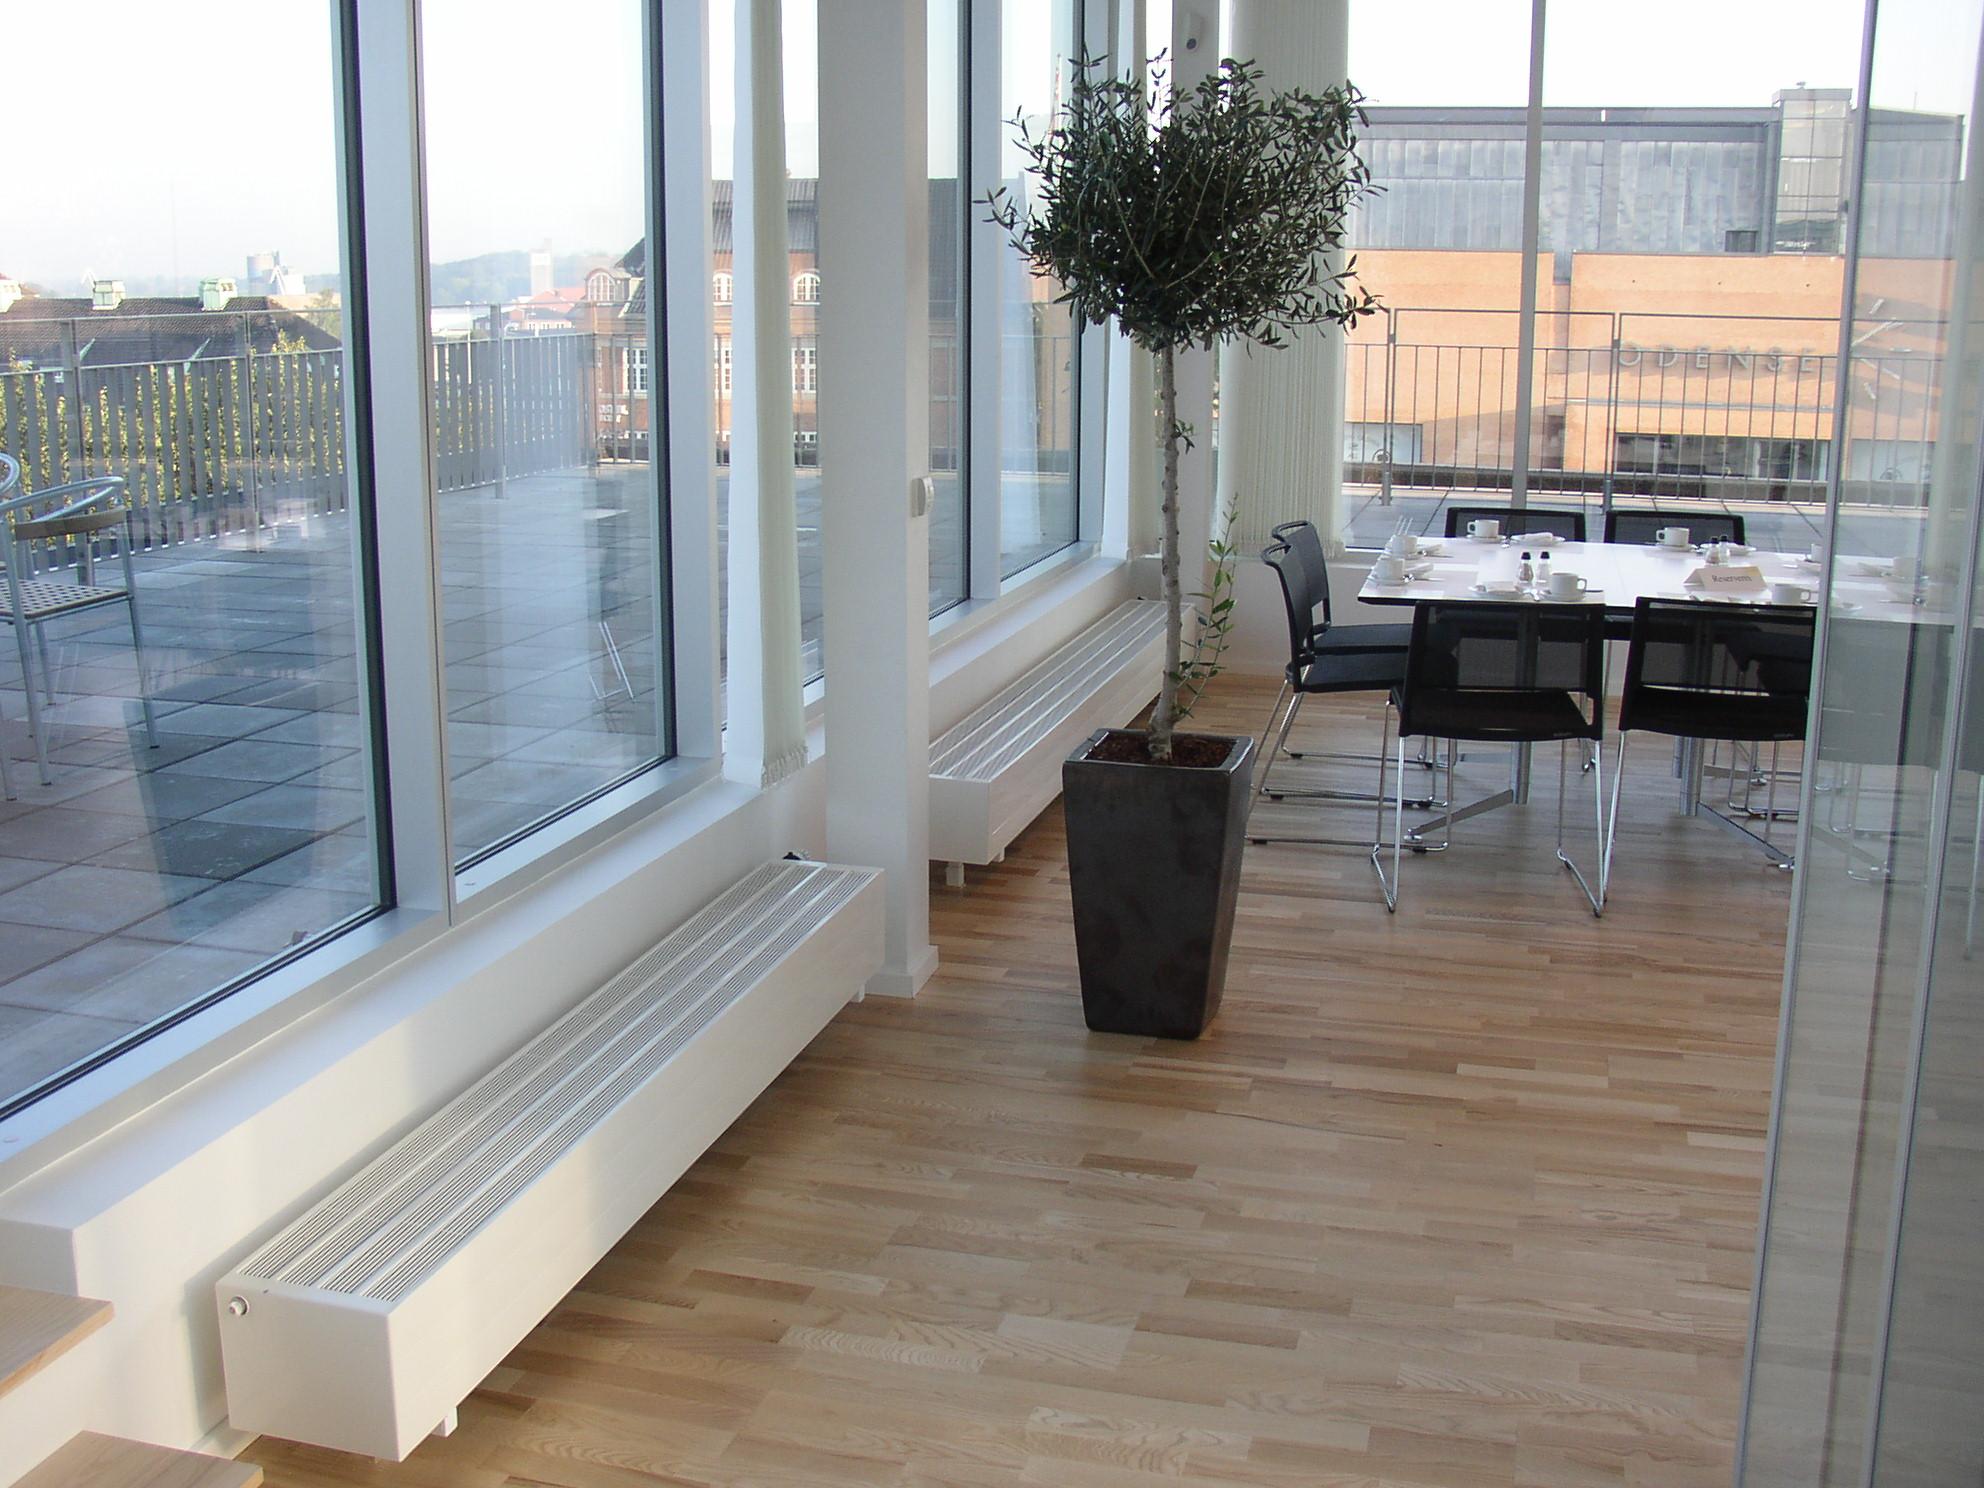 Низкие радиаторы отопления для панорамных окон - дизайн и ремонт интерьеров art-pol58.ru